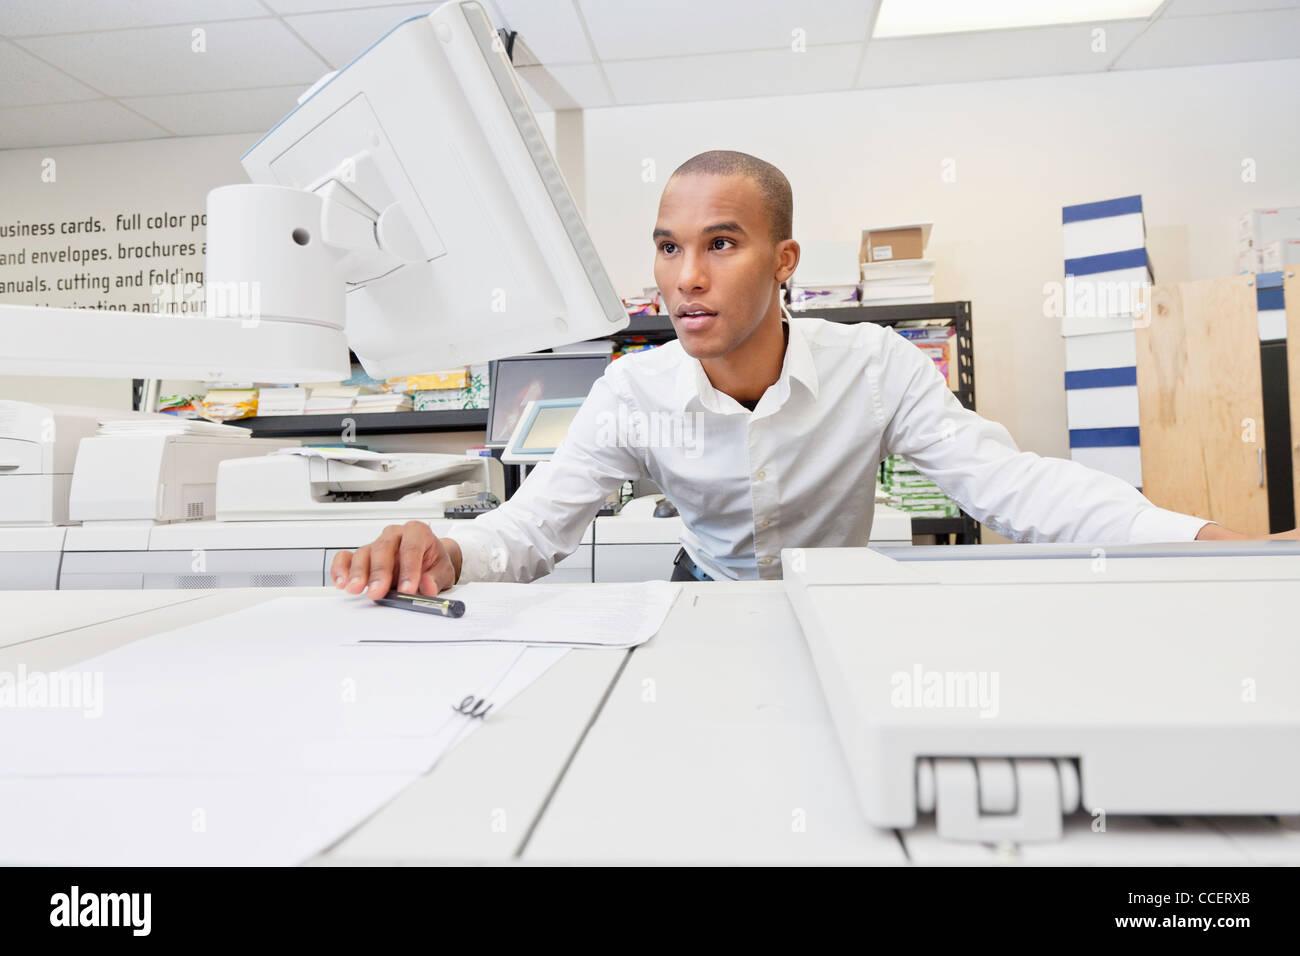 Man looking at visual screen - Stock Image